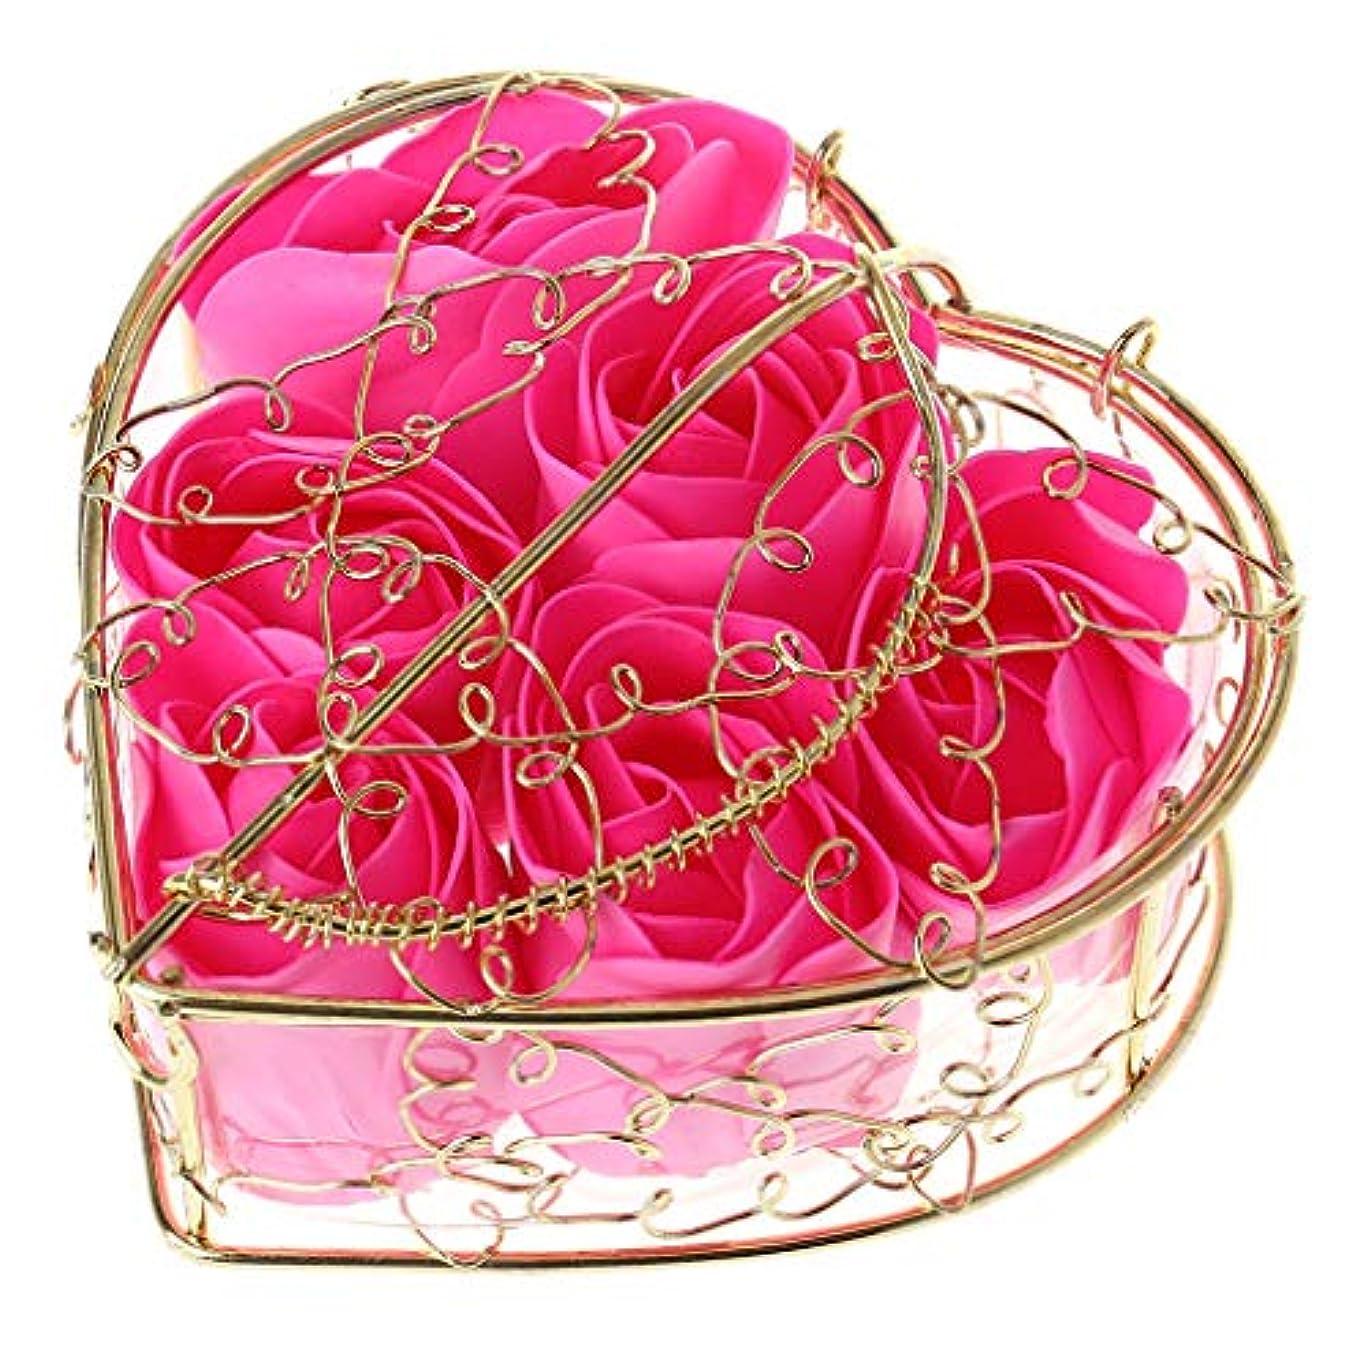 刺す呪われたリーズKaman-co 6本の香りのバラの花びら、入浴ボディーソープ、ウェディングパーティーの装飾ギフト、バレンタインデーの贈り物 (HP)